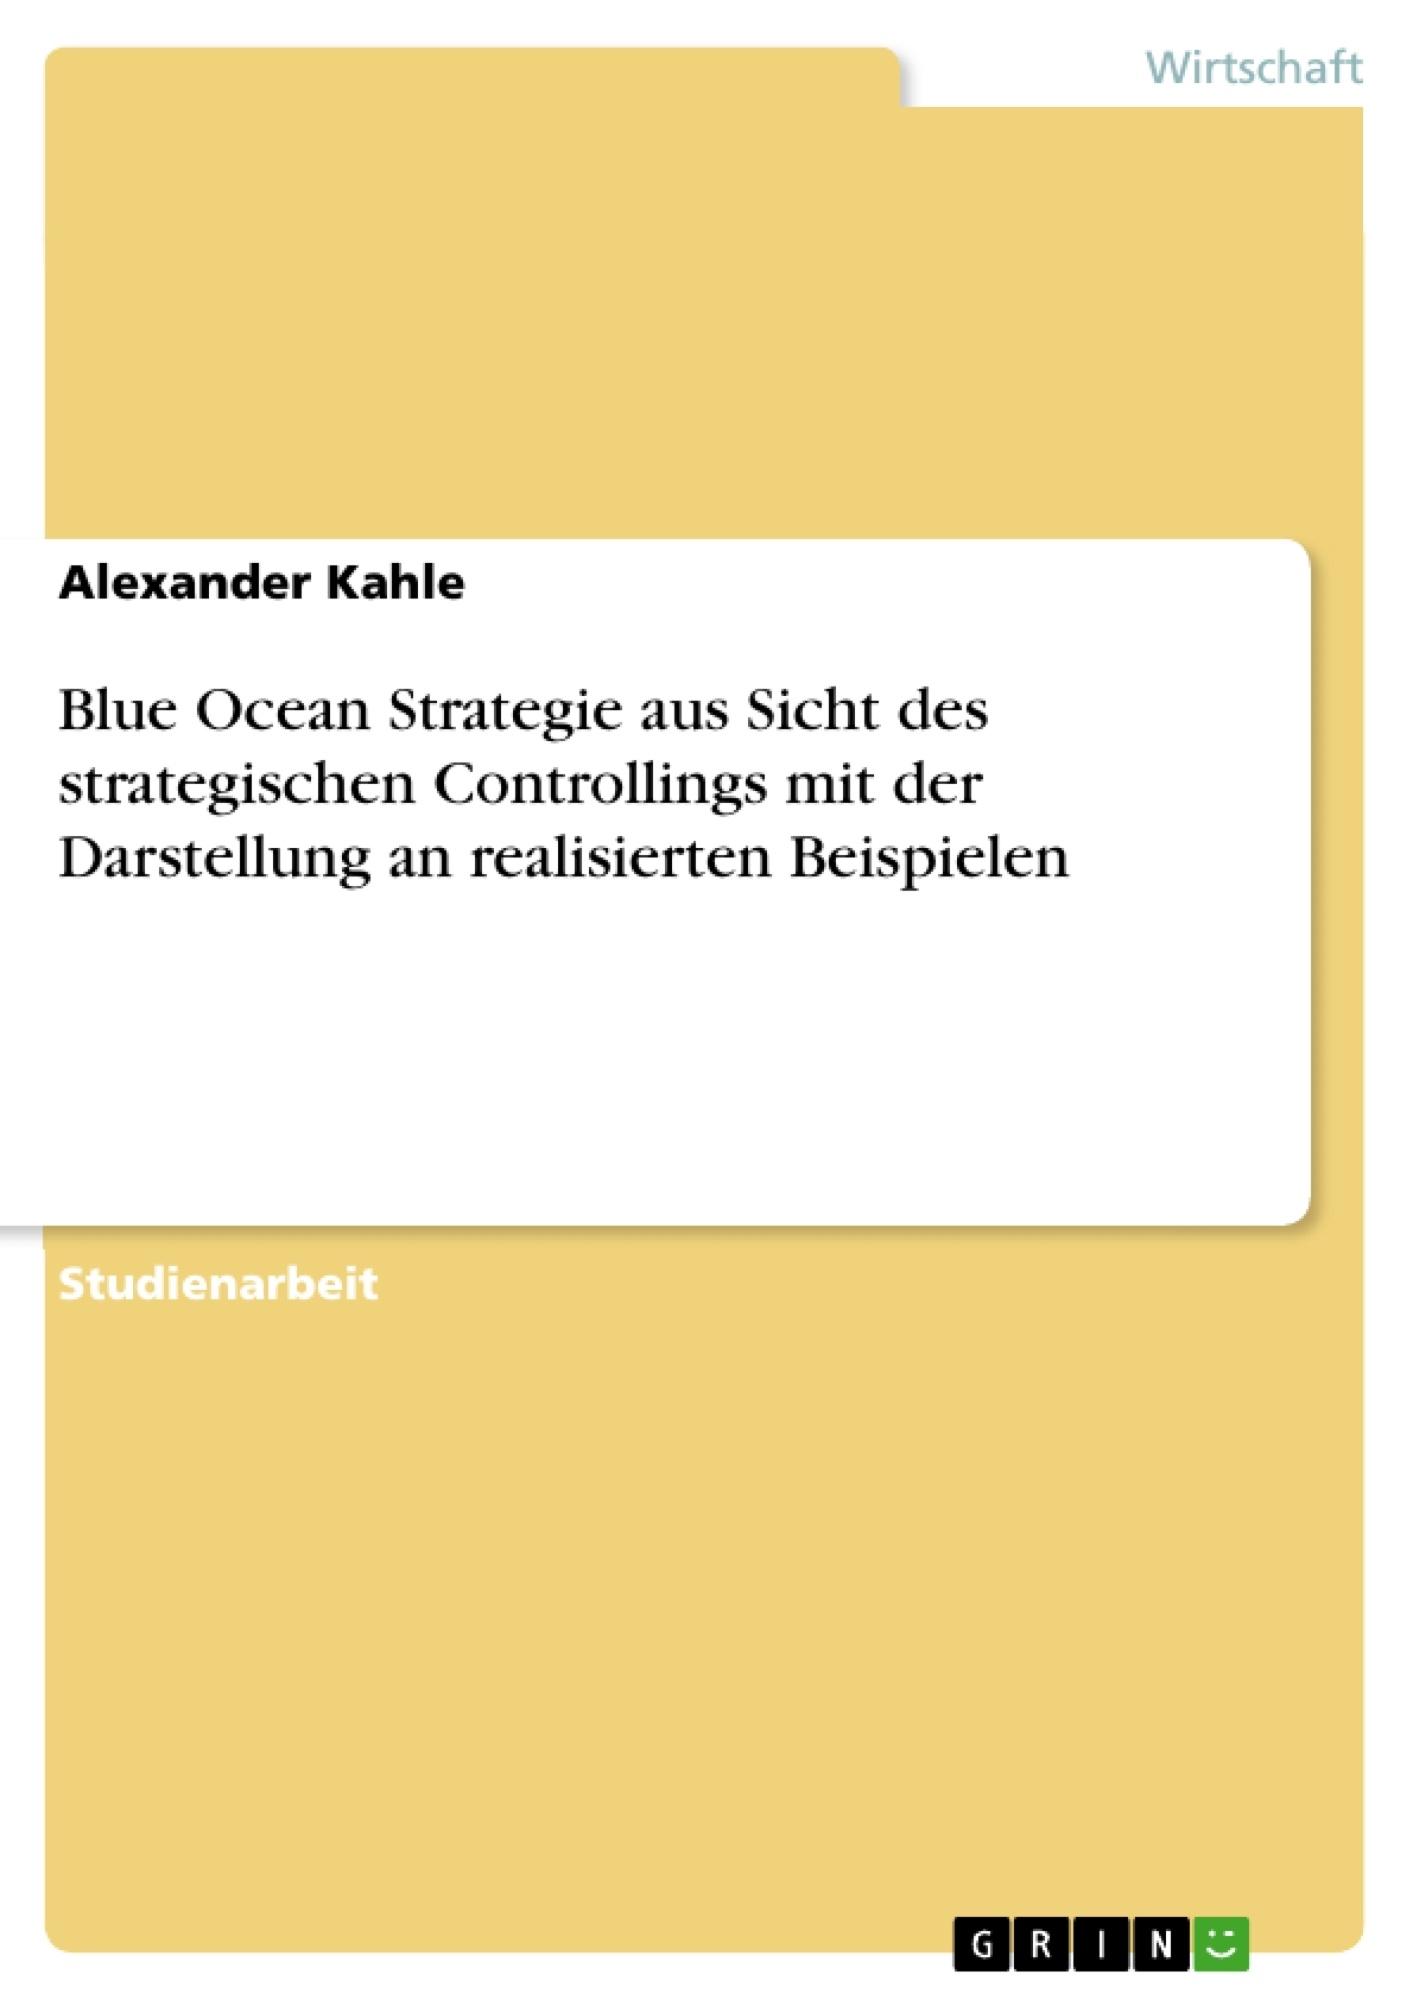 Titel: Blue Ocean Strategie aus Sicht des strategischen Controllings mit der Darstellung an realisierten Beispielen